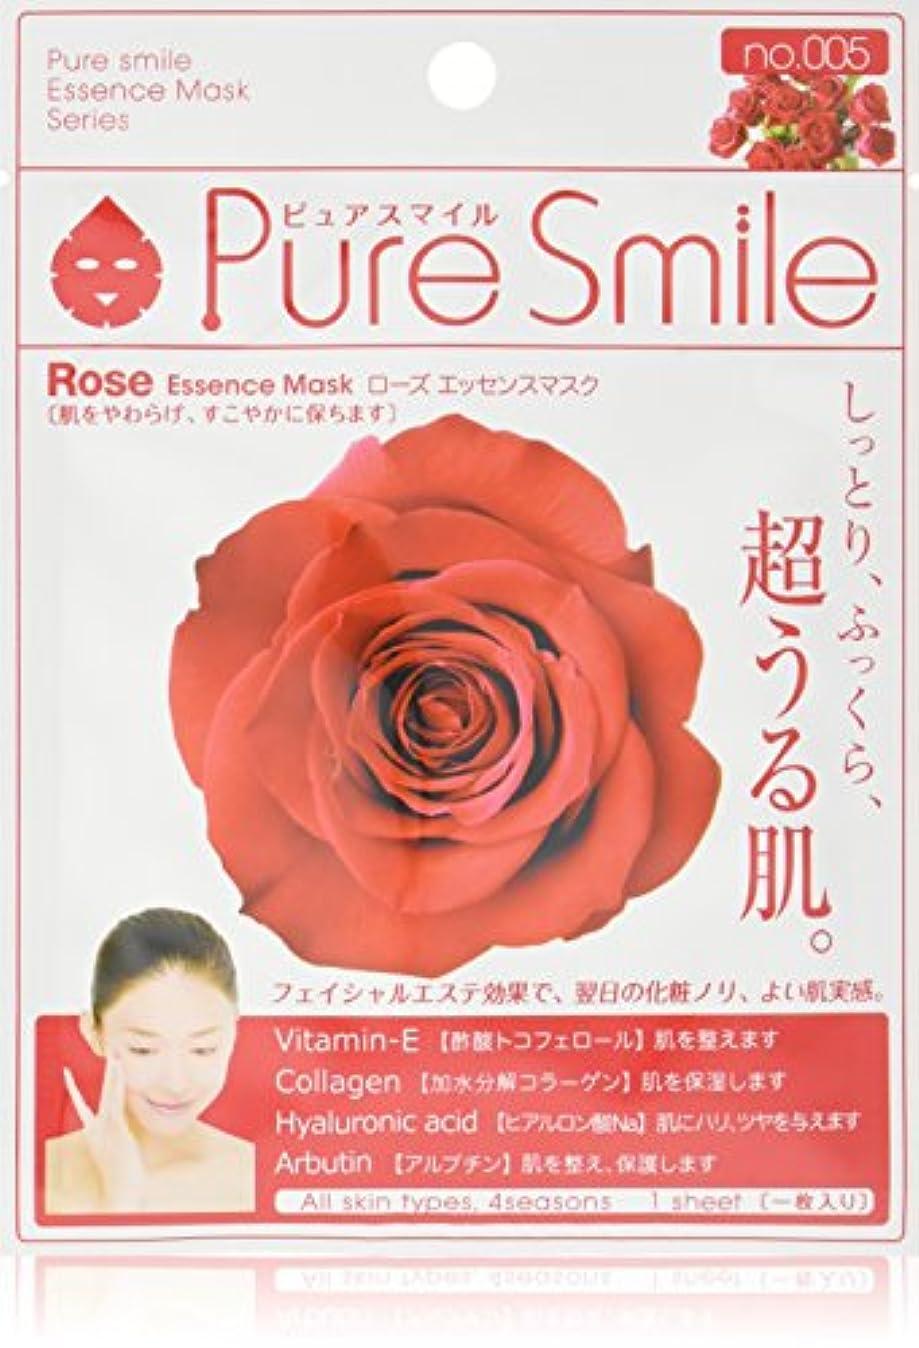 羨望つかいます金額Pure Smile ピュアスマイル エッセンスマスク ローズ 6枚セット